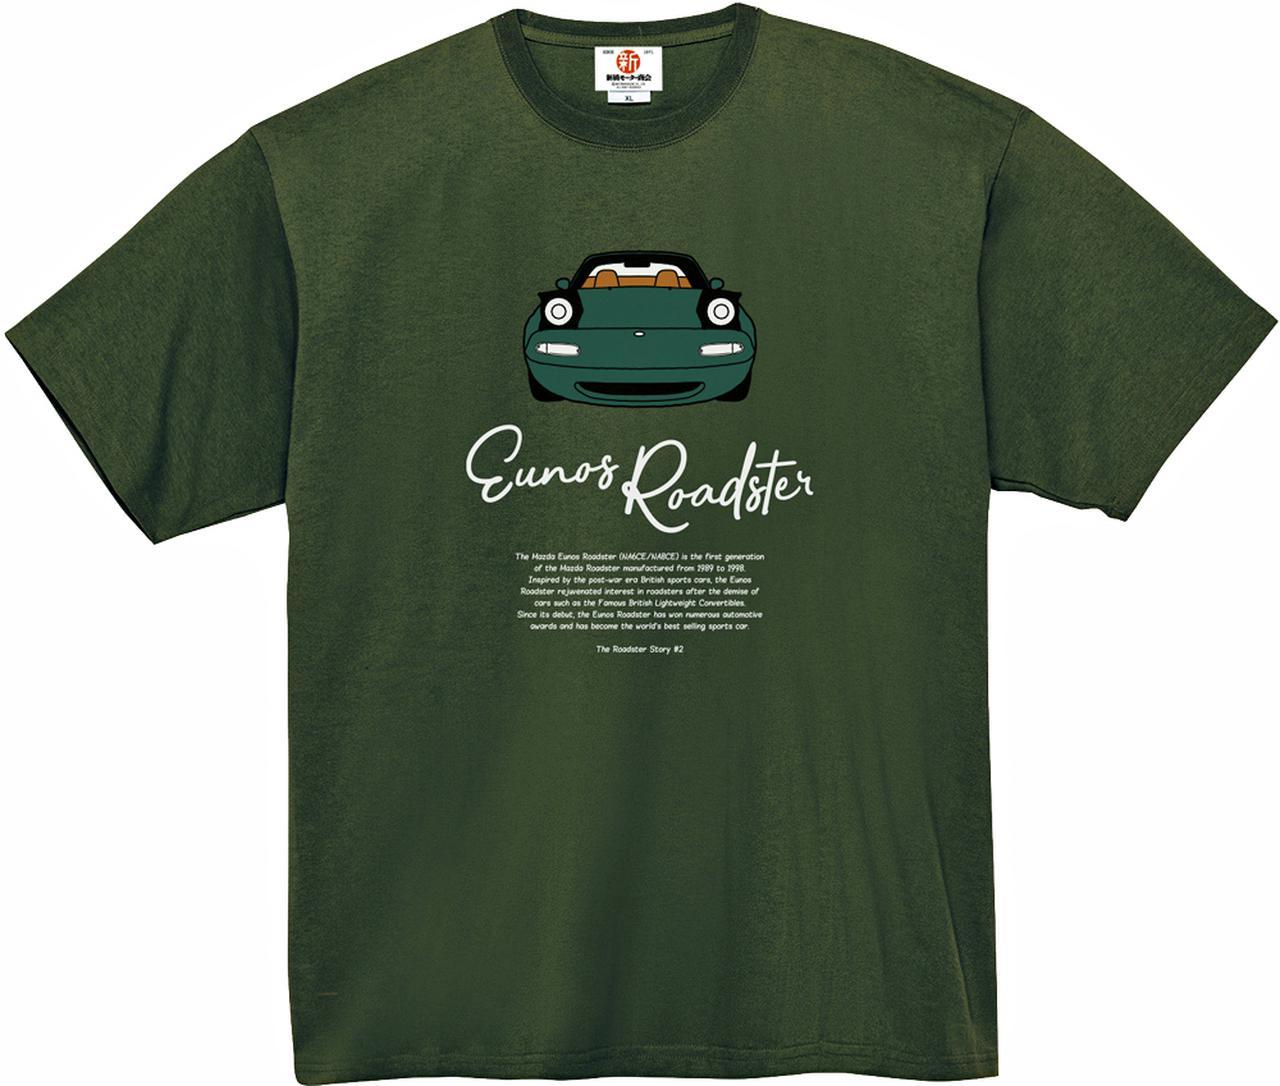 画像: #2 ユーノス ロードスター フロントフェース スーパーヘヴィーTシャツ